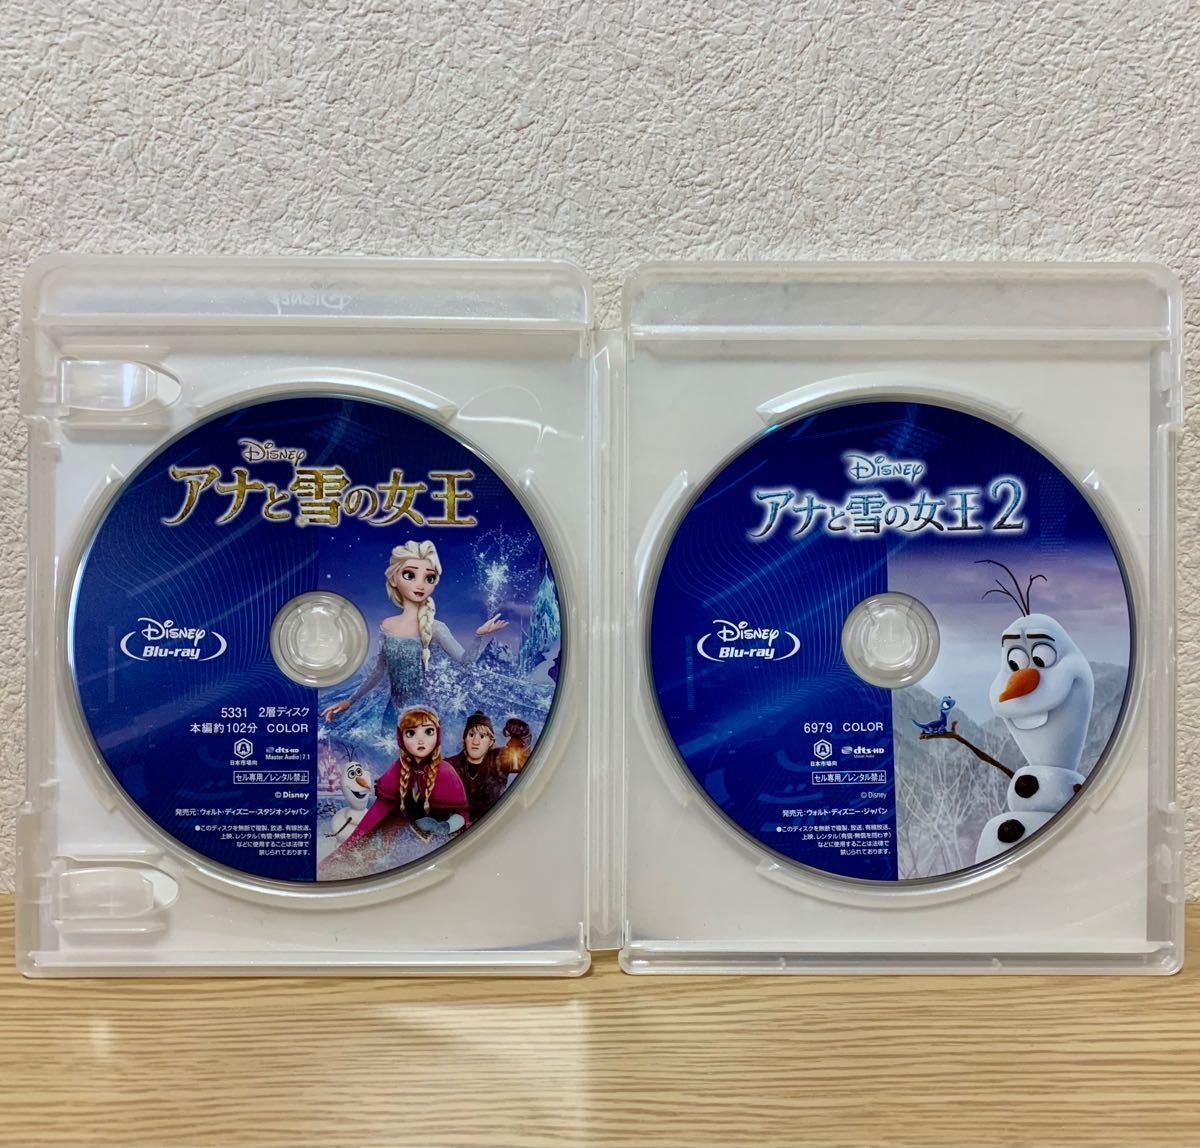 アナと雪の女王 アナと雪の女王2 Blu-ray 2枚 ウォルトディズニー 未再生品